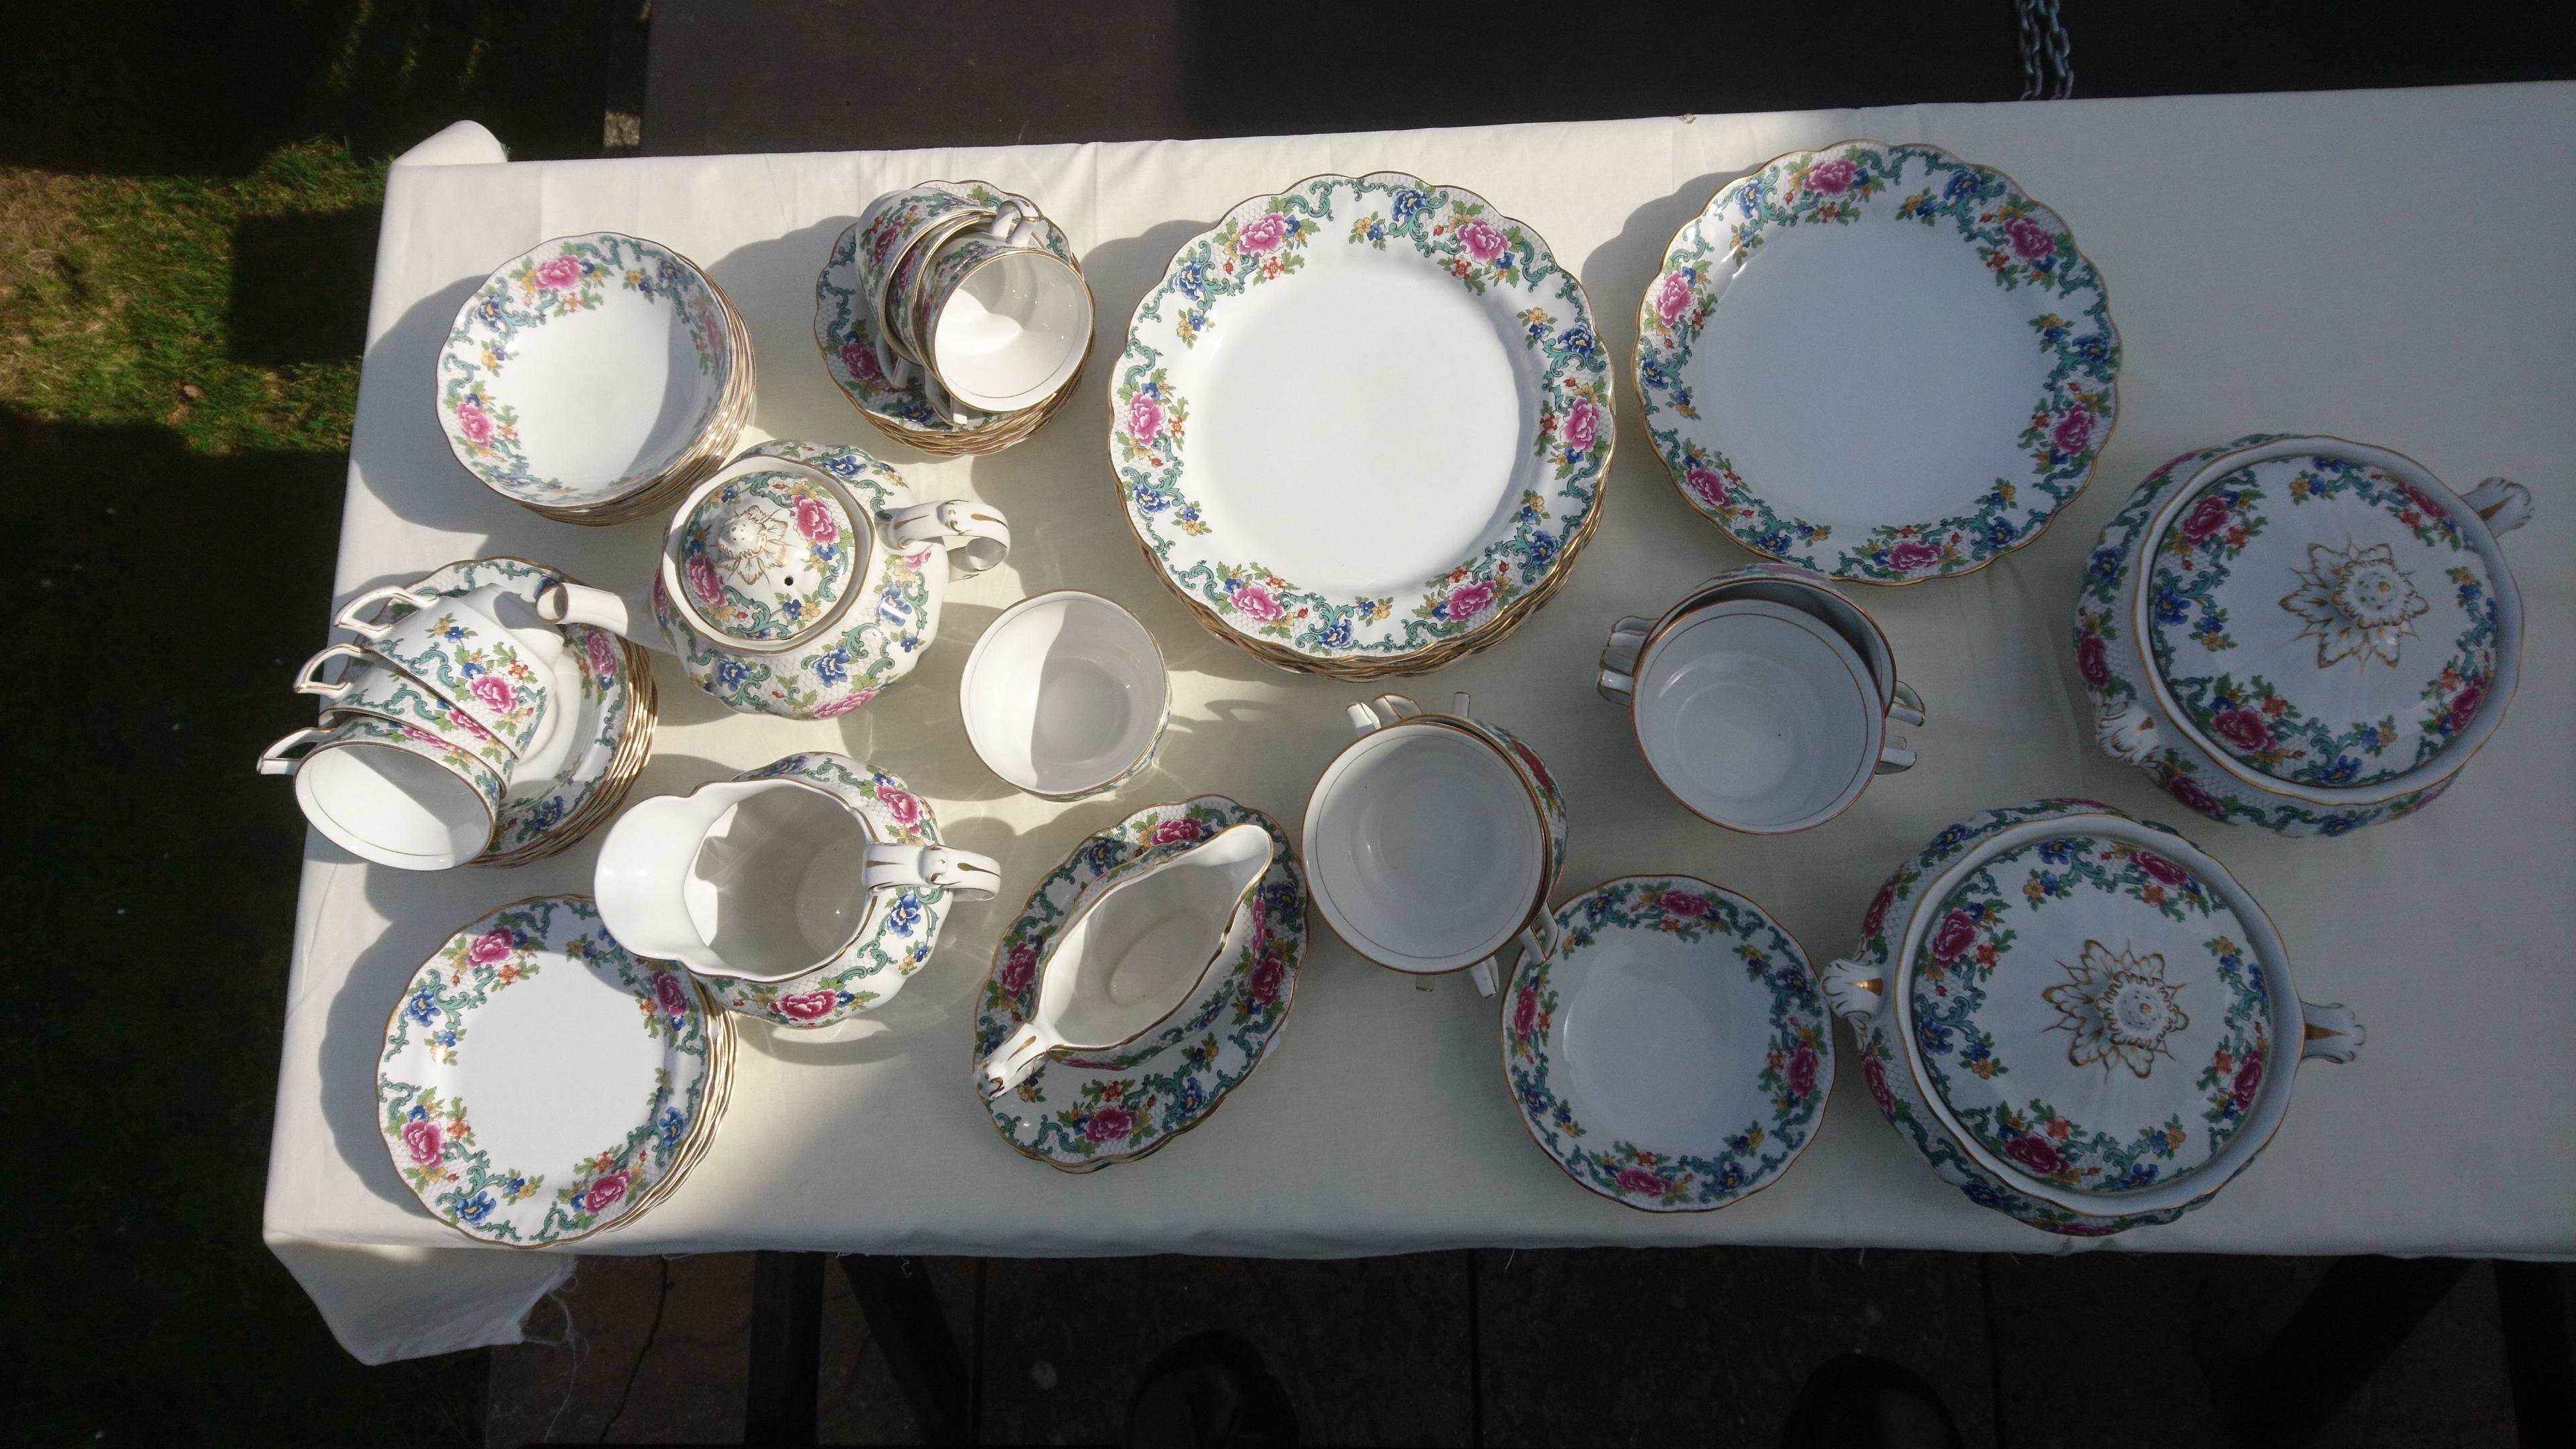 Booths Flora Dora 51 piece dining Tablelware set